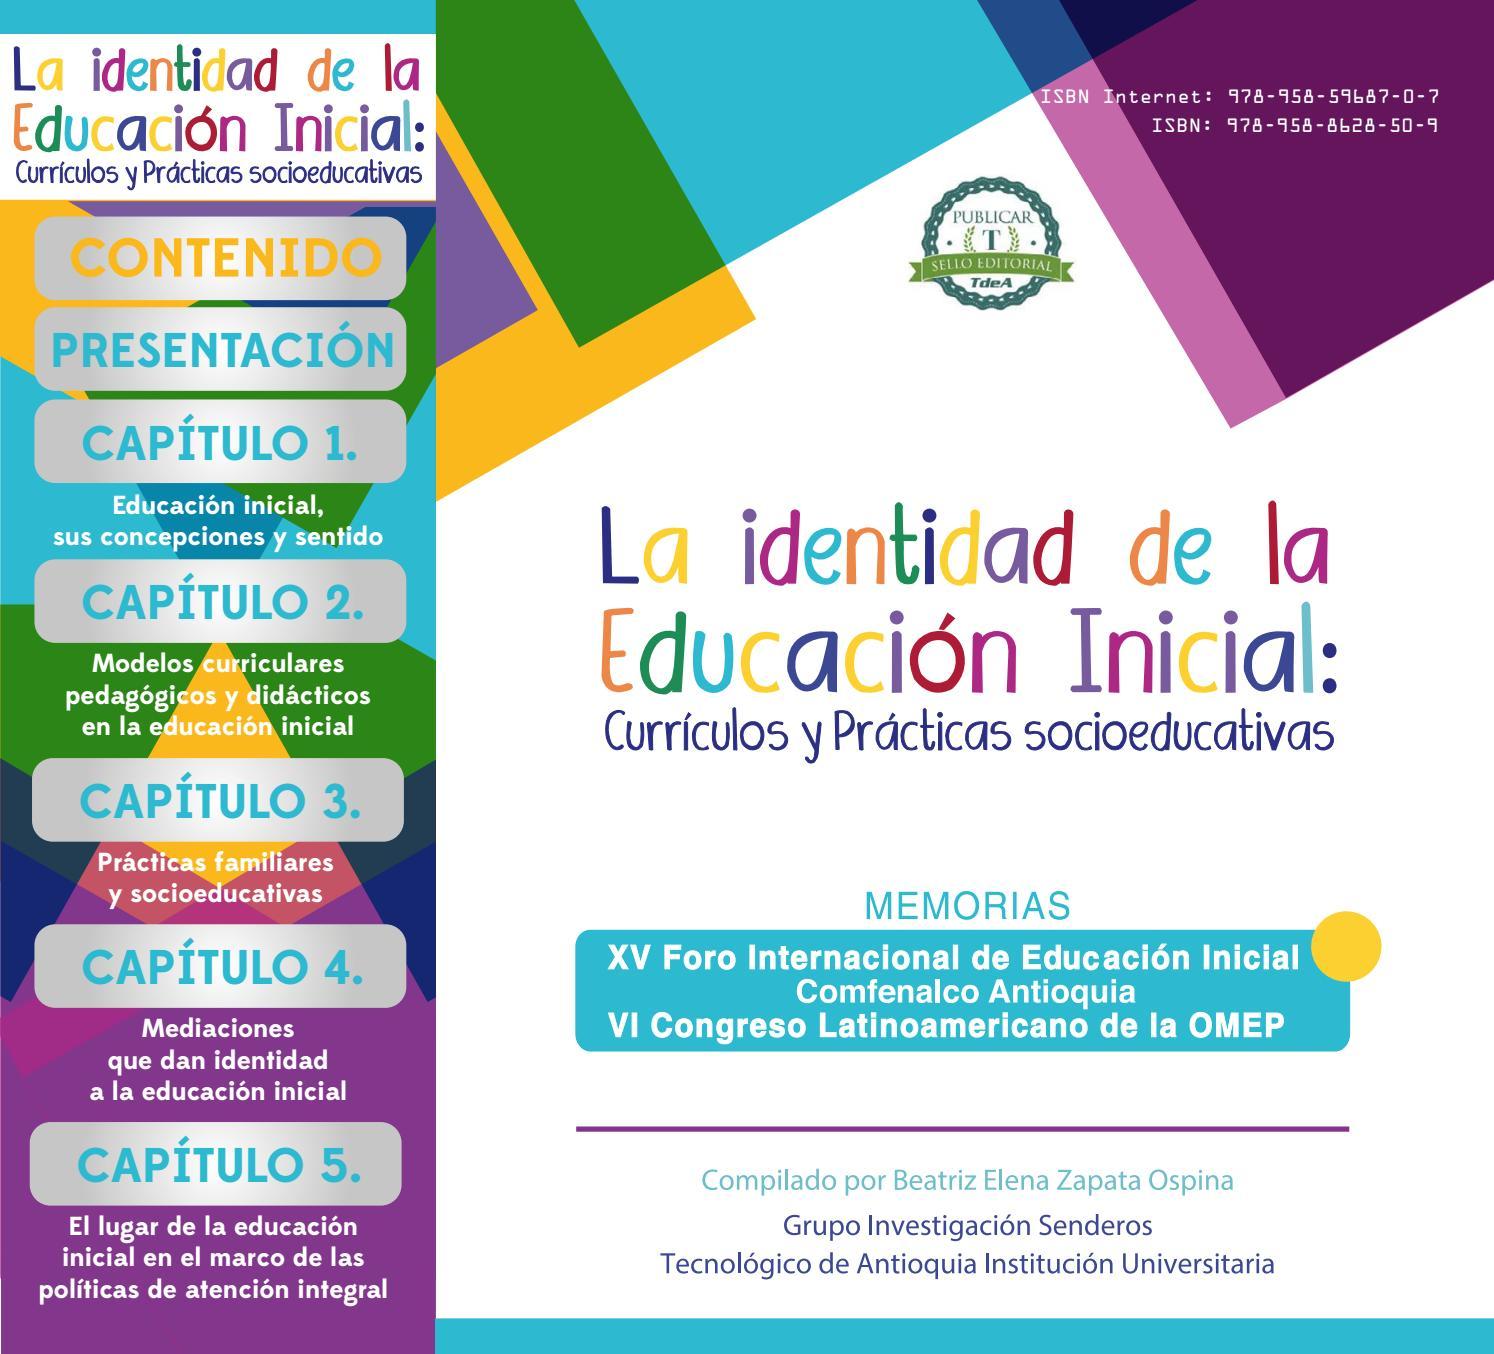 1189e134f7870 La identidad de la educación inicial memorias versión internet by TdeA -  issuu